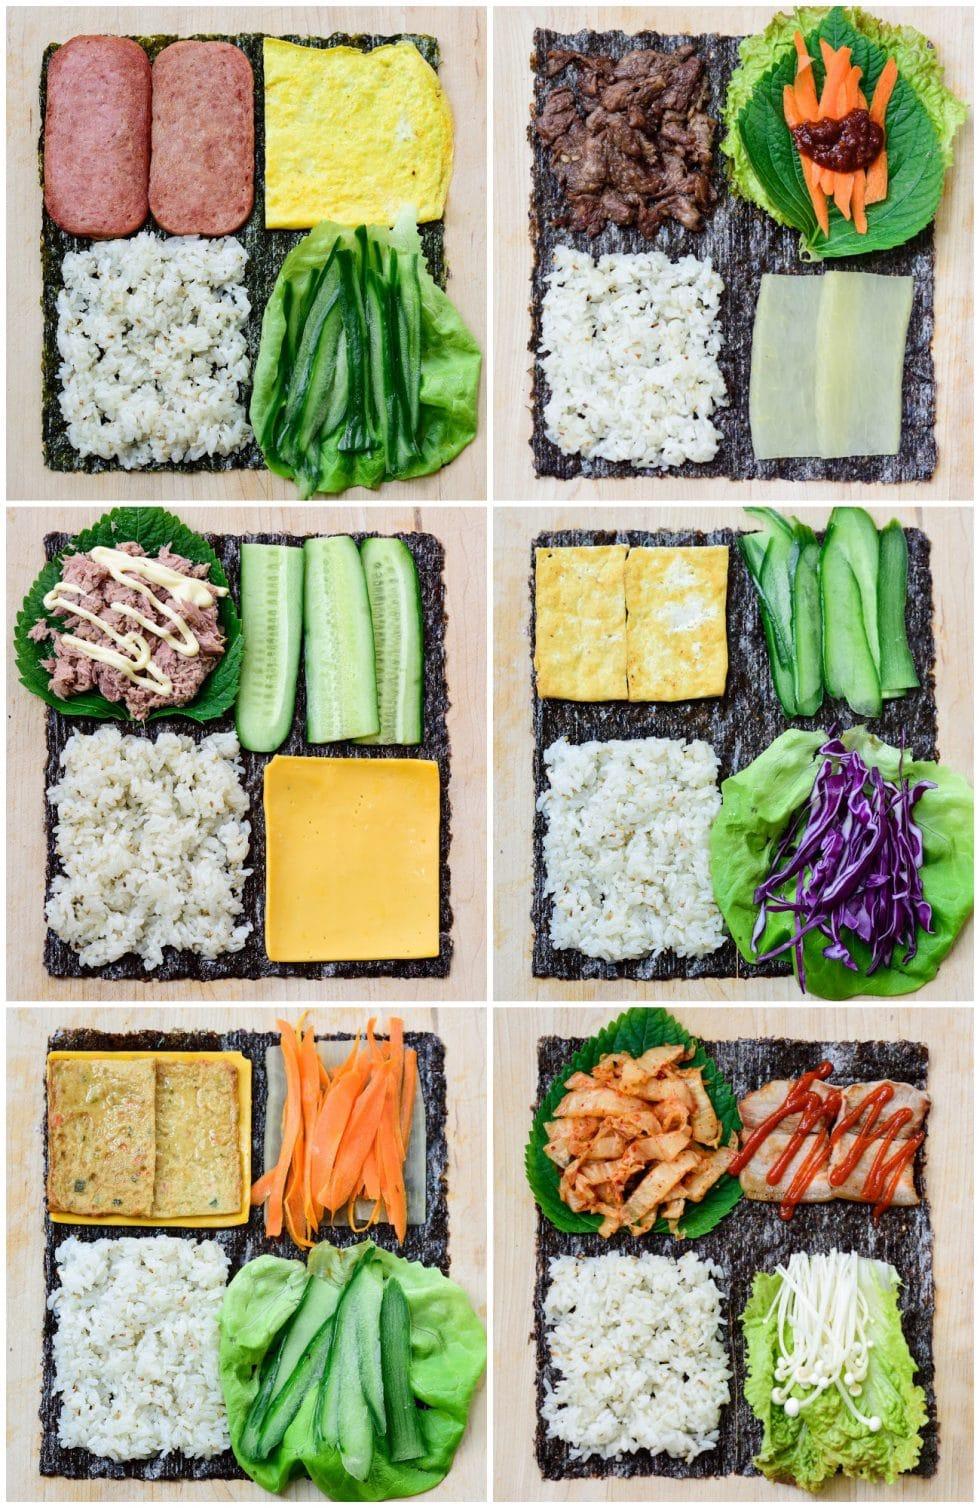 Folded kimbap e1613282772709 - Folded Kimbap (or Gimbap)